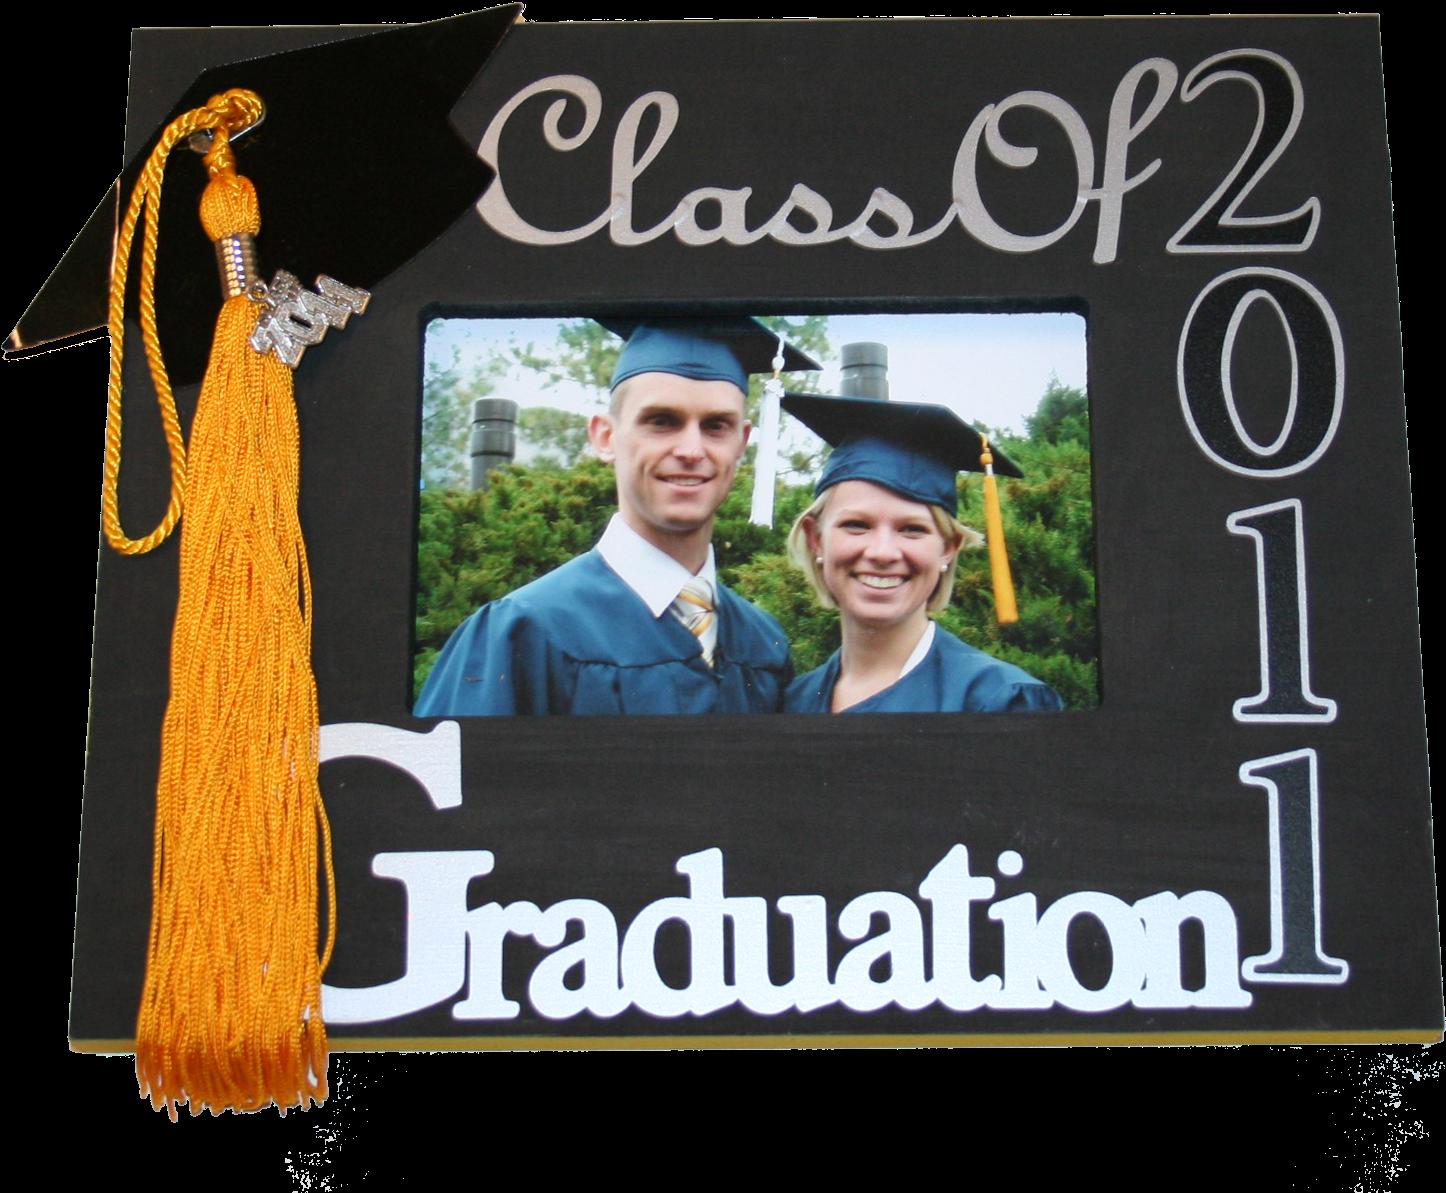 Download Graduation Frames Frame Design Ideas Frame Idea For Graduation Full Size Png Image Pngkit